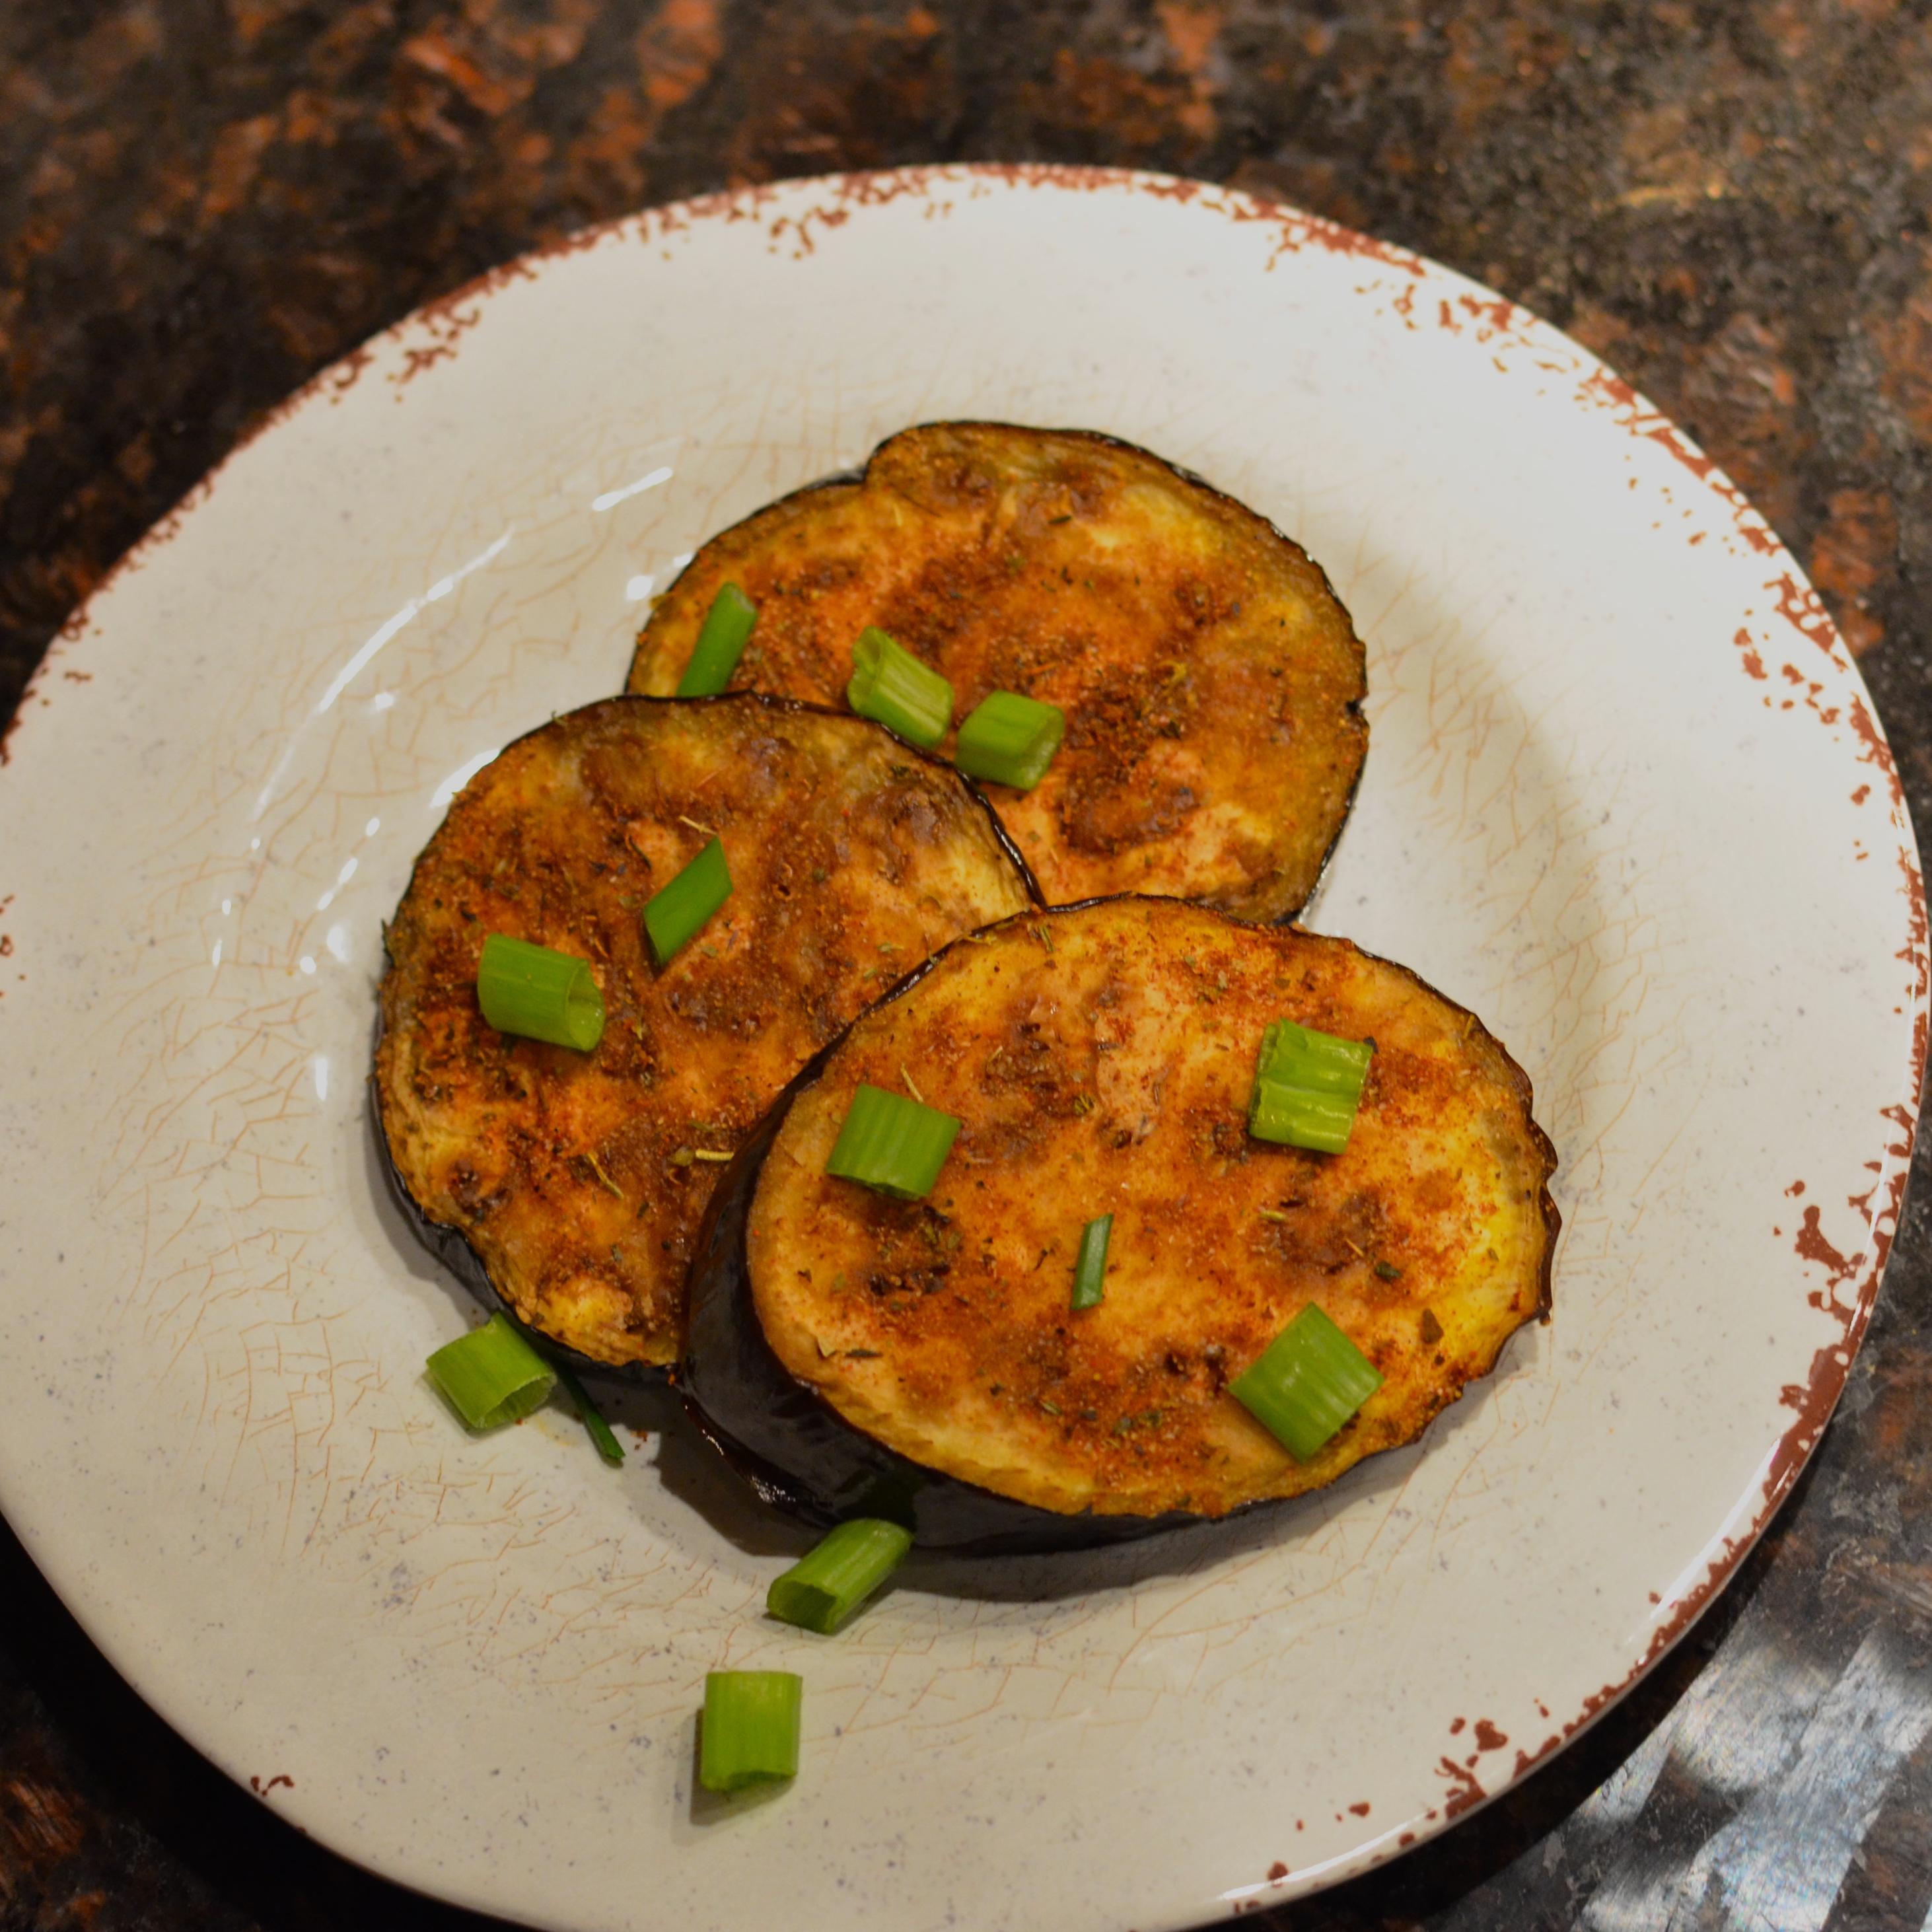 Sheet Pan Vegan Roasted Eggplant with Garlic